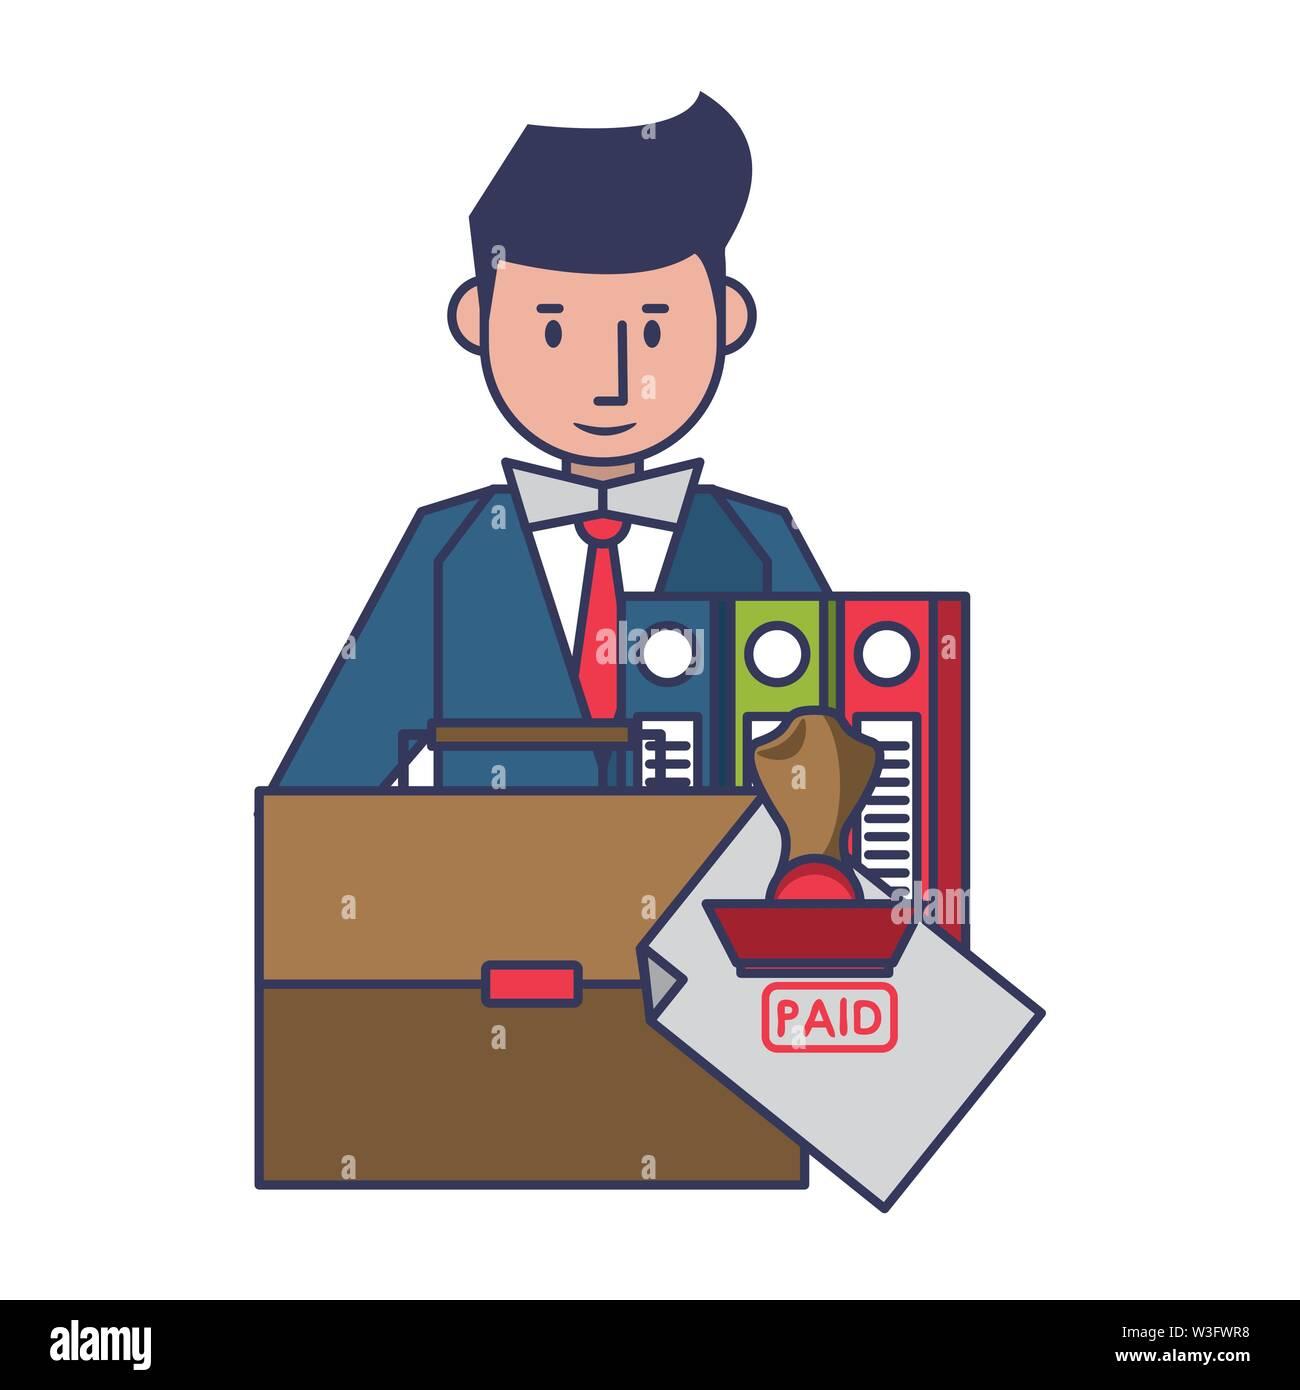 Persönliche Finanzen Aufwendungen und Kosten Saldo Berechnung zahlung Geschäftsmann cartoon Vector Illustration graphic design Stockbild